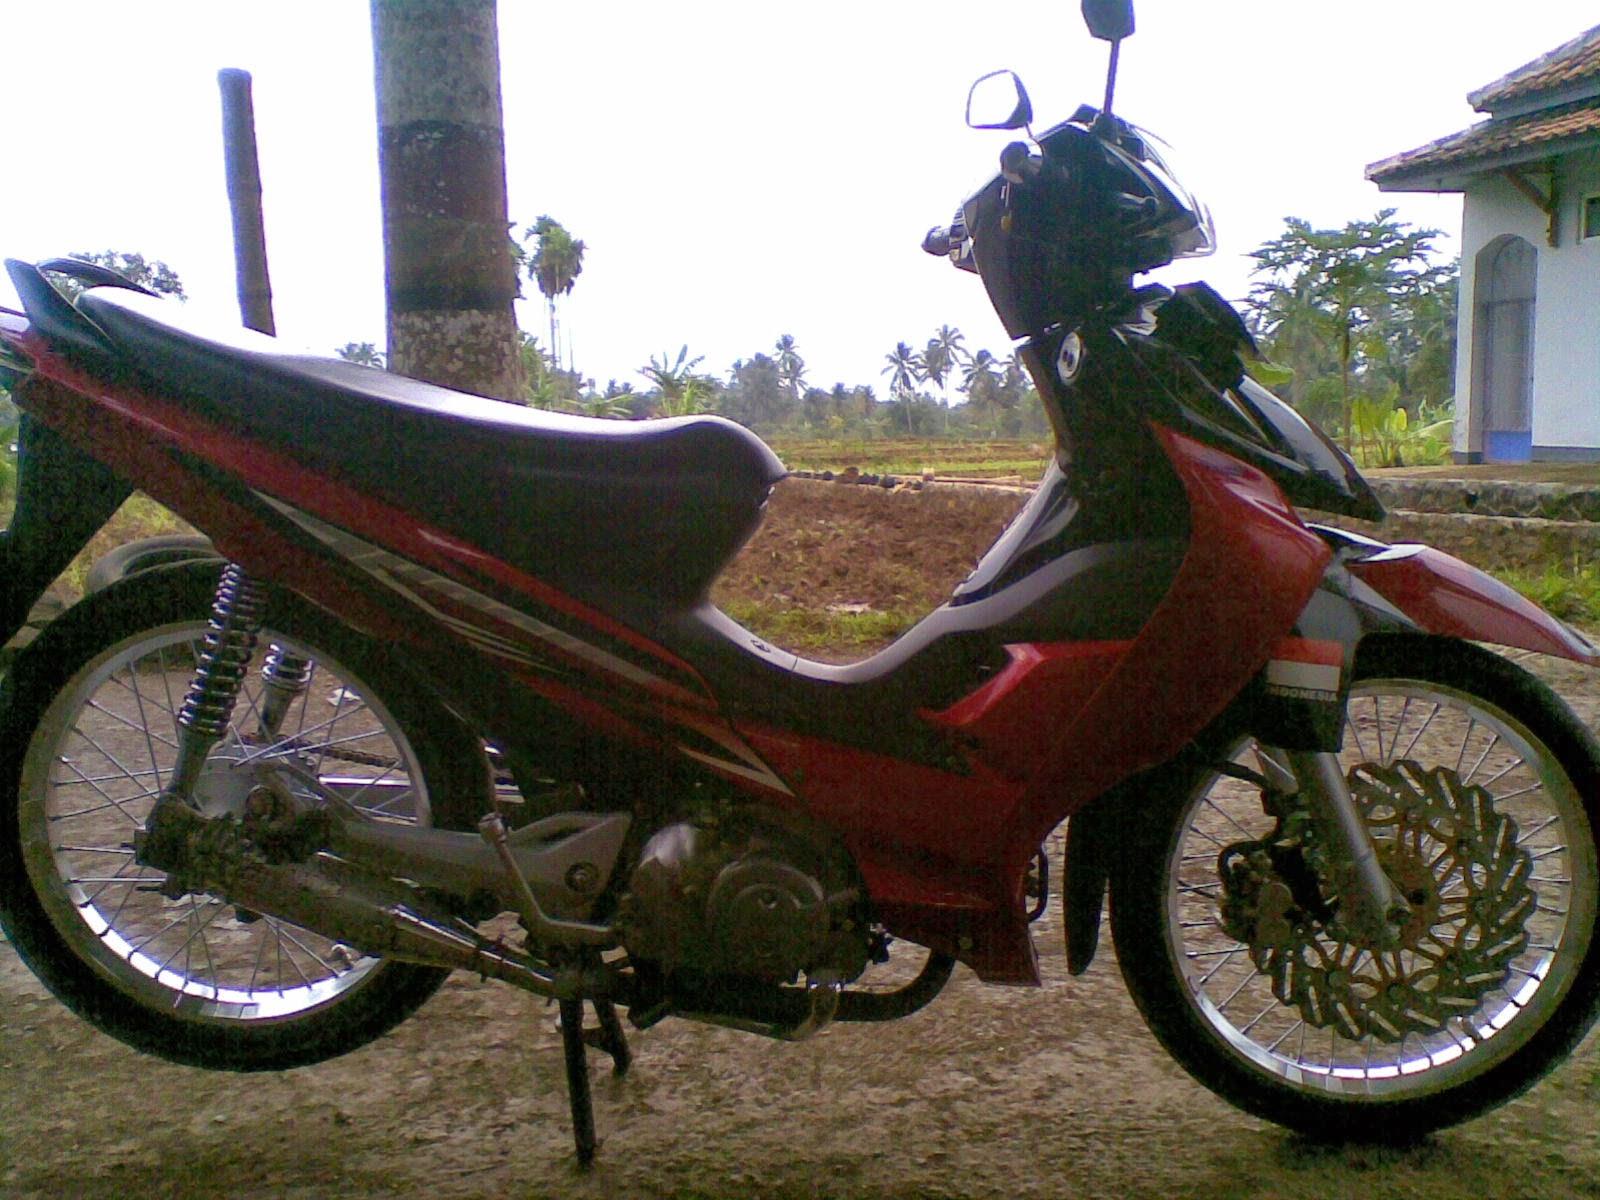 Suzuki-Shogun-125-R-Modifikasi-modifikasi-motor-suzuki-shogun-125-r